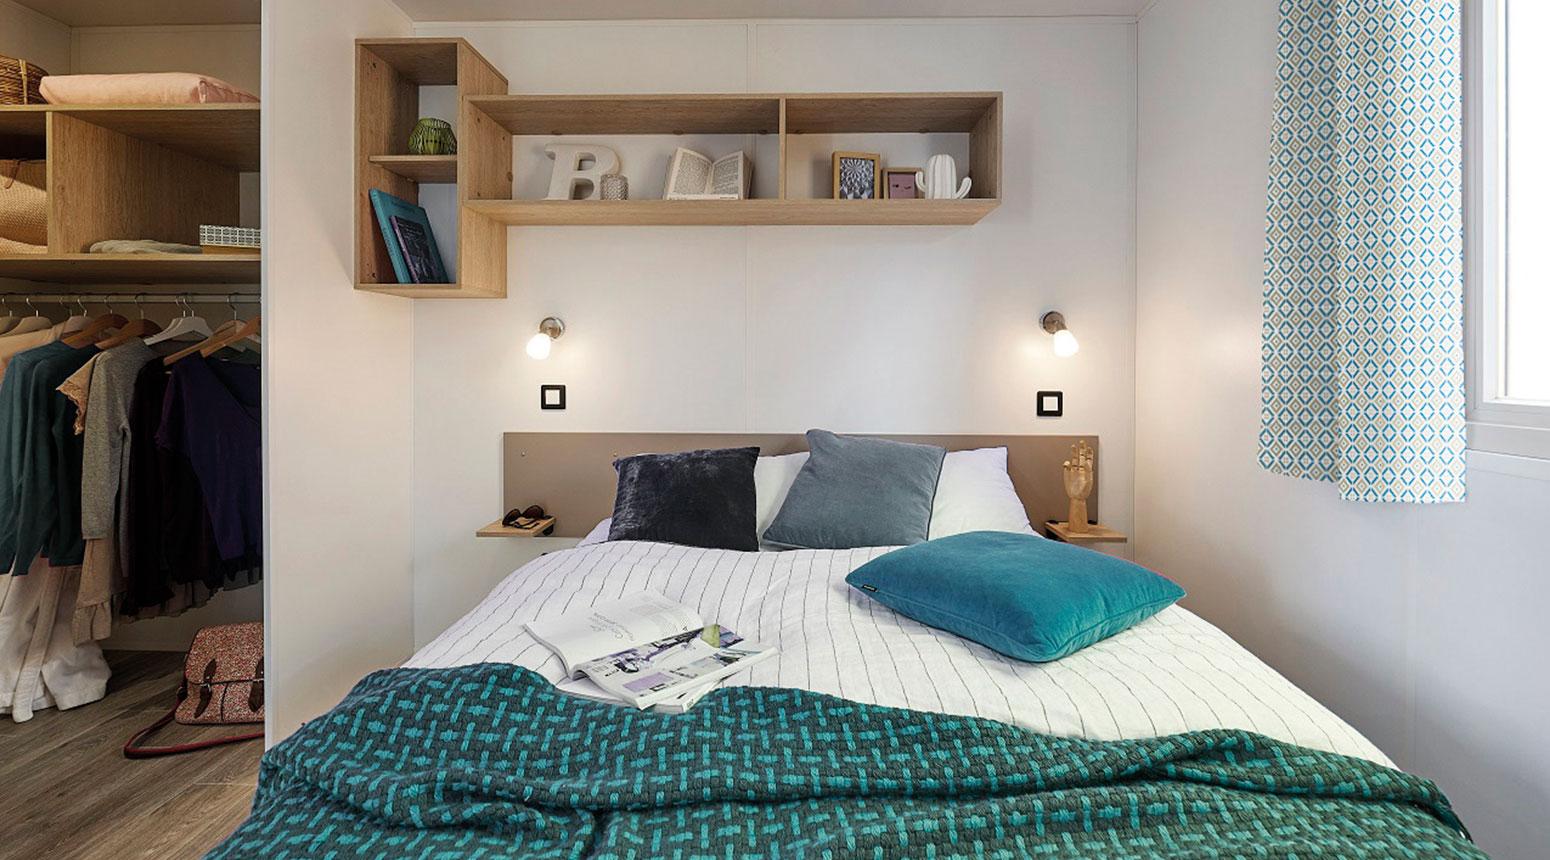 Chambre du Mobil Home contemporaine avec rangements vente de mobil home Bidart Camping Le Ruisseau